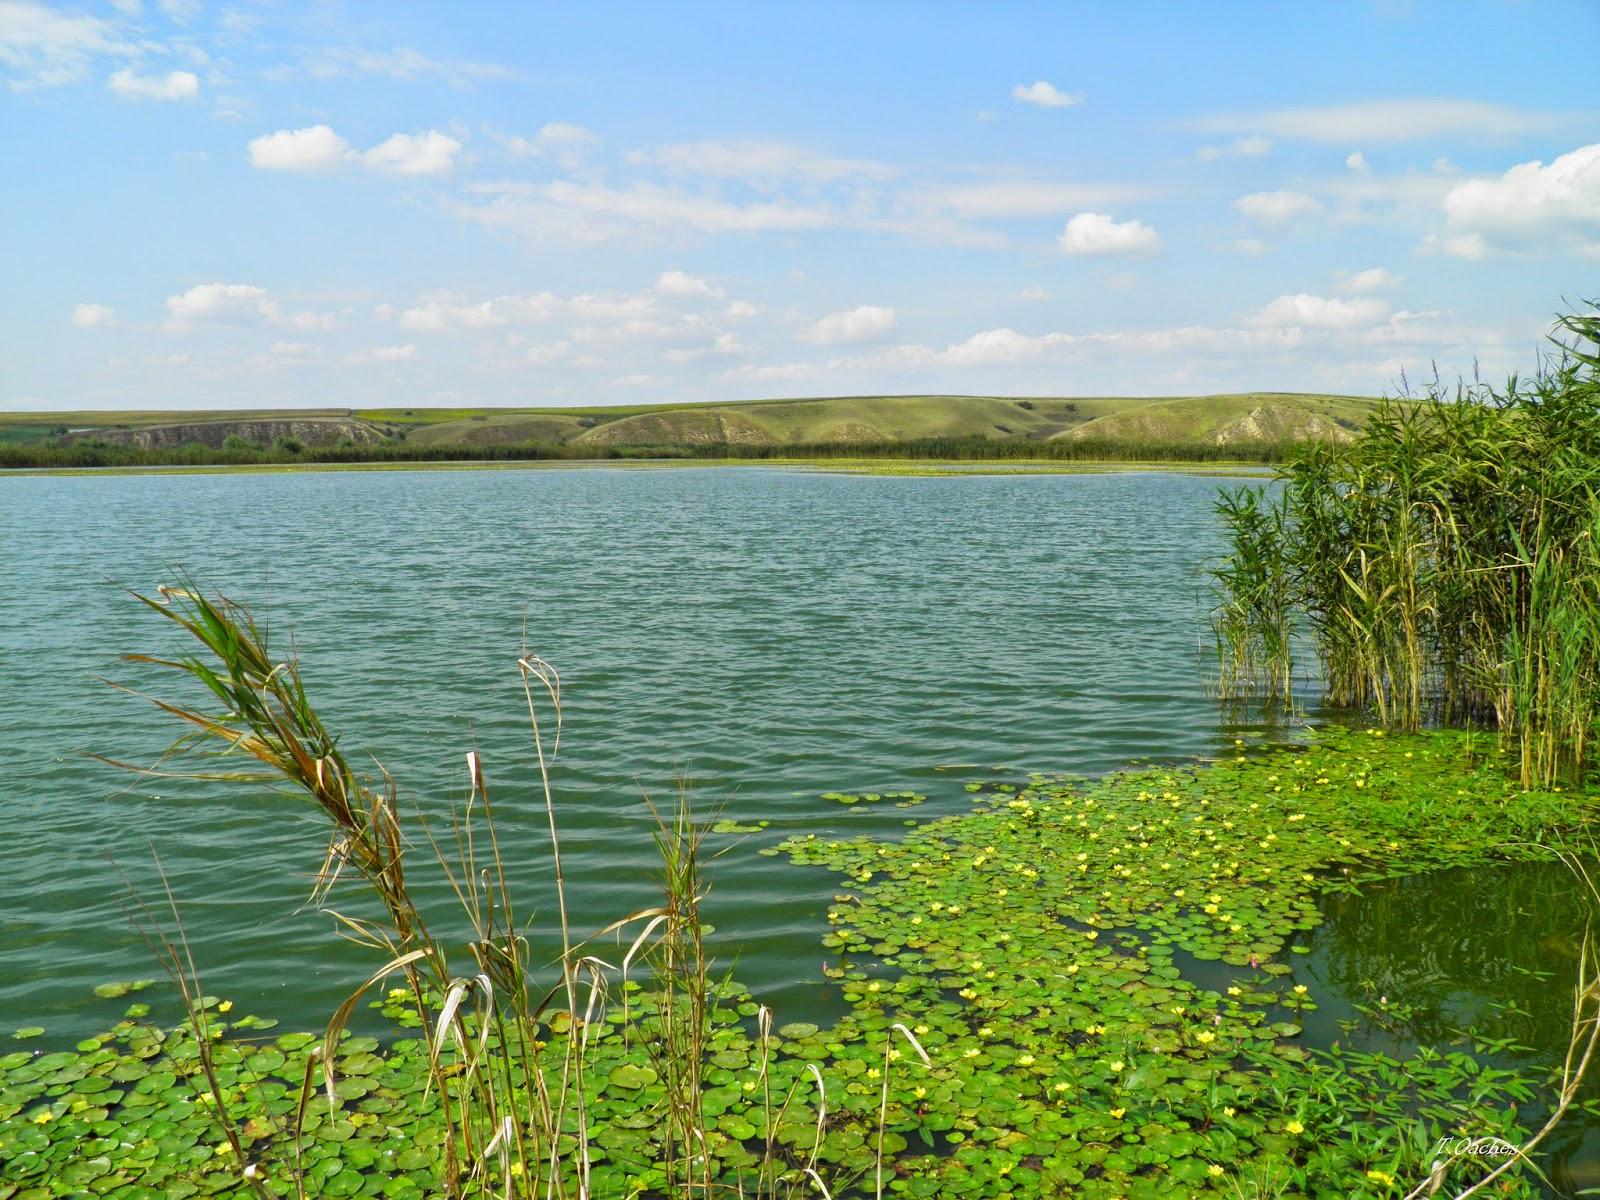 Vegetaţia bogată este mediul propice pentru dezvoltarea unui număr mare de specii de păsări